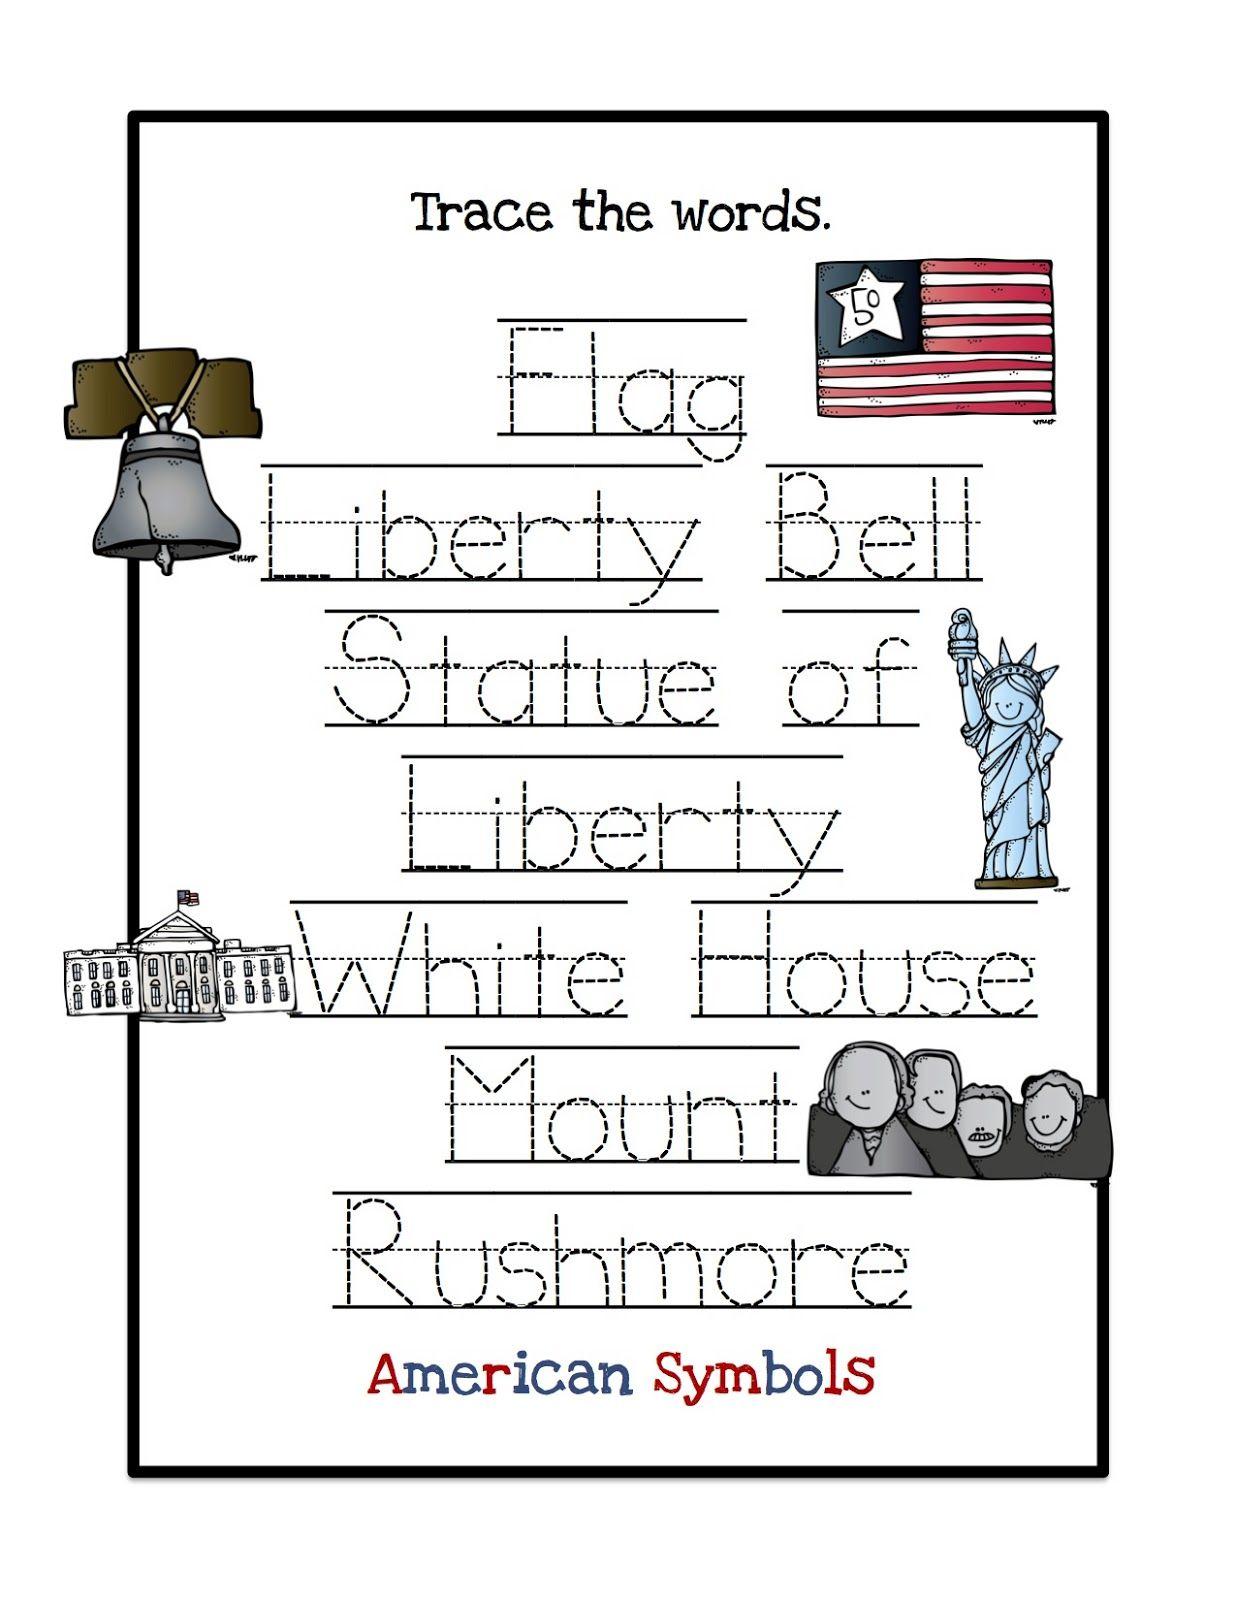 Nat'l symbols word trace   American symbols [ 1600 x 1236 Pixel ]